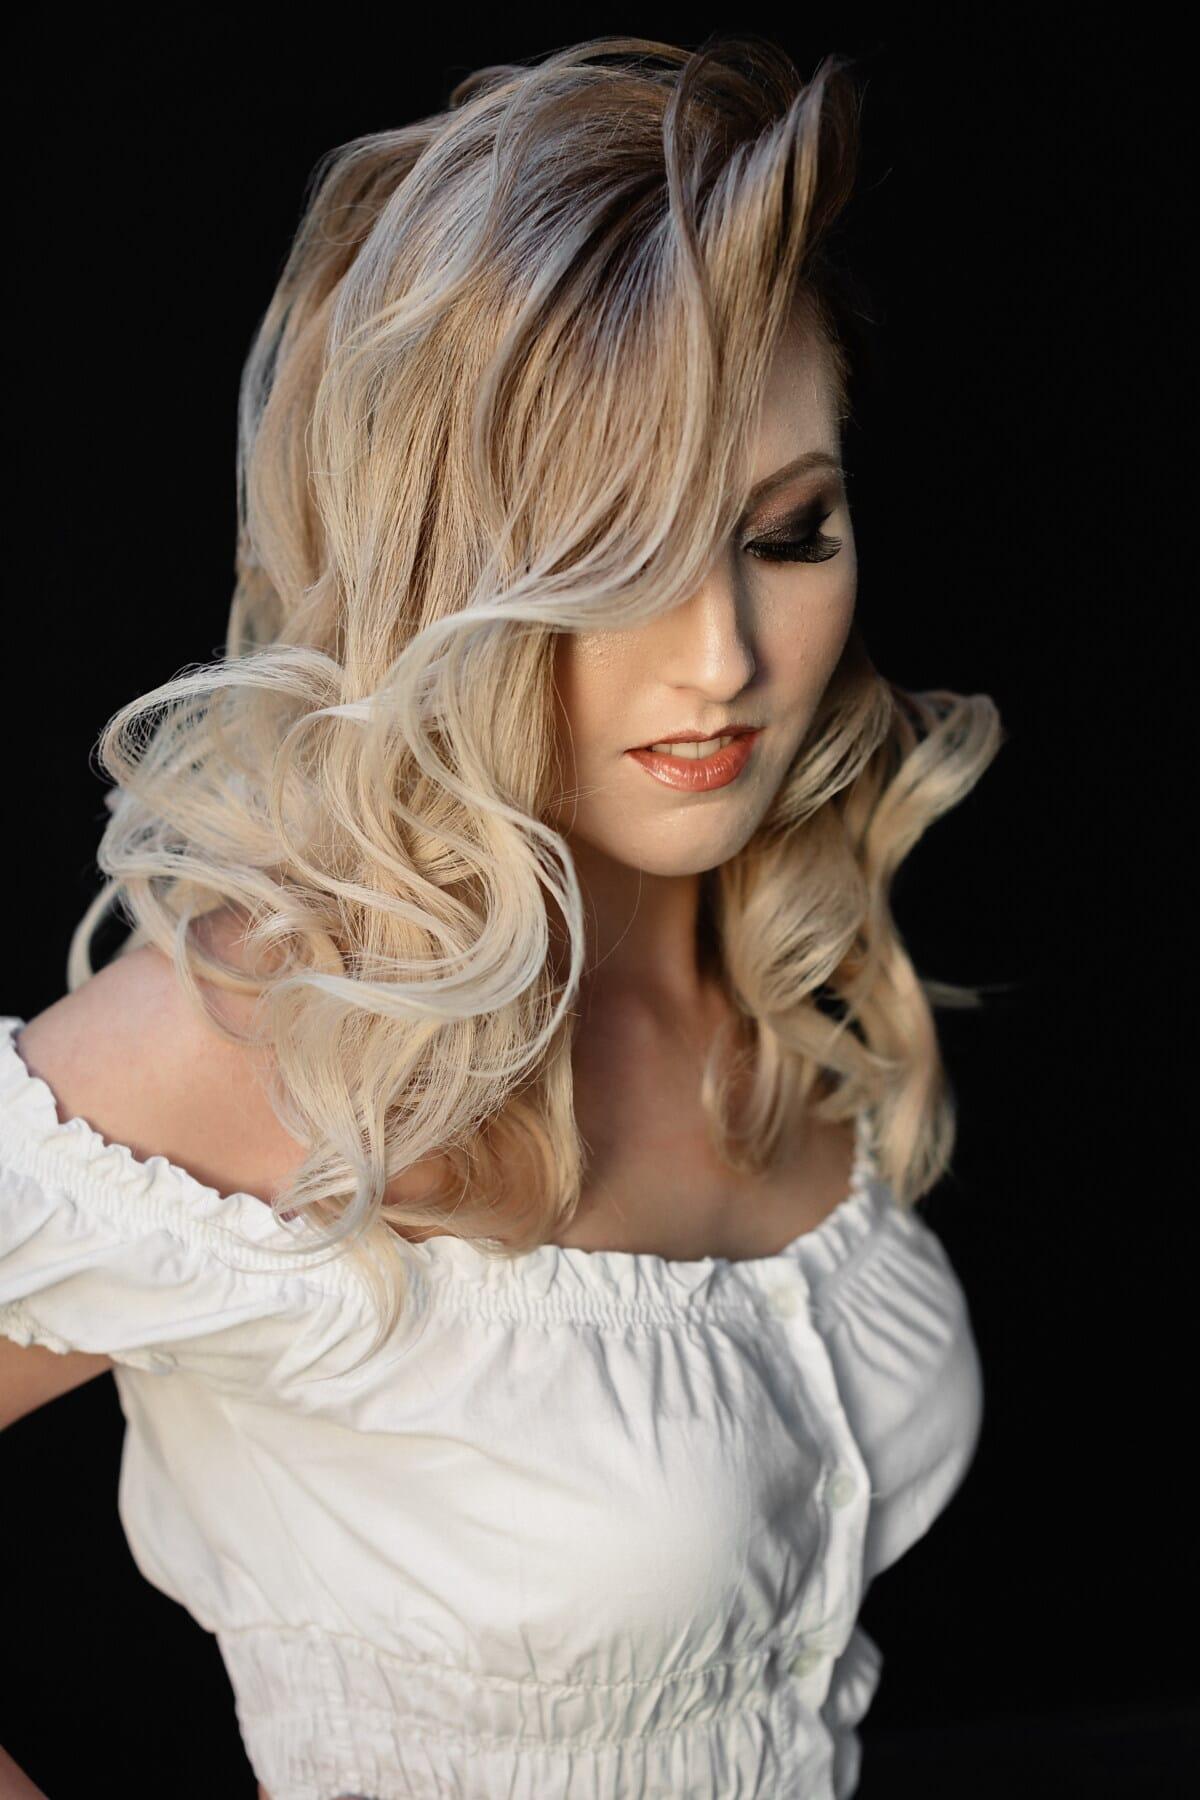 portrait, visage, blonde, magnifique, fermer, cheveux, postiche, joli, blonde, mode